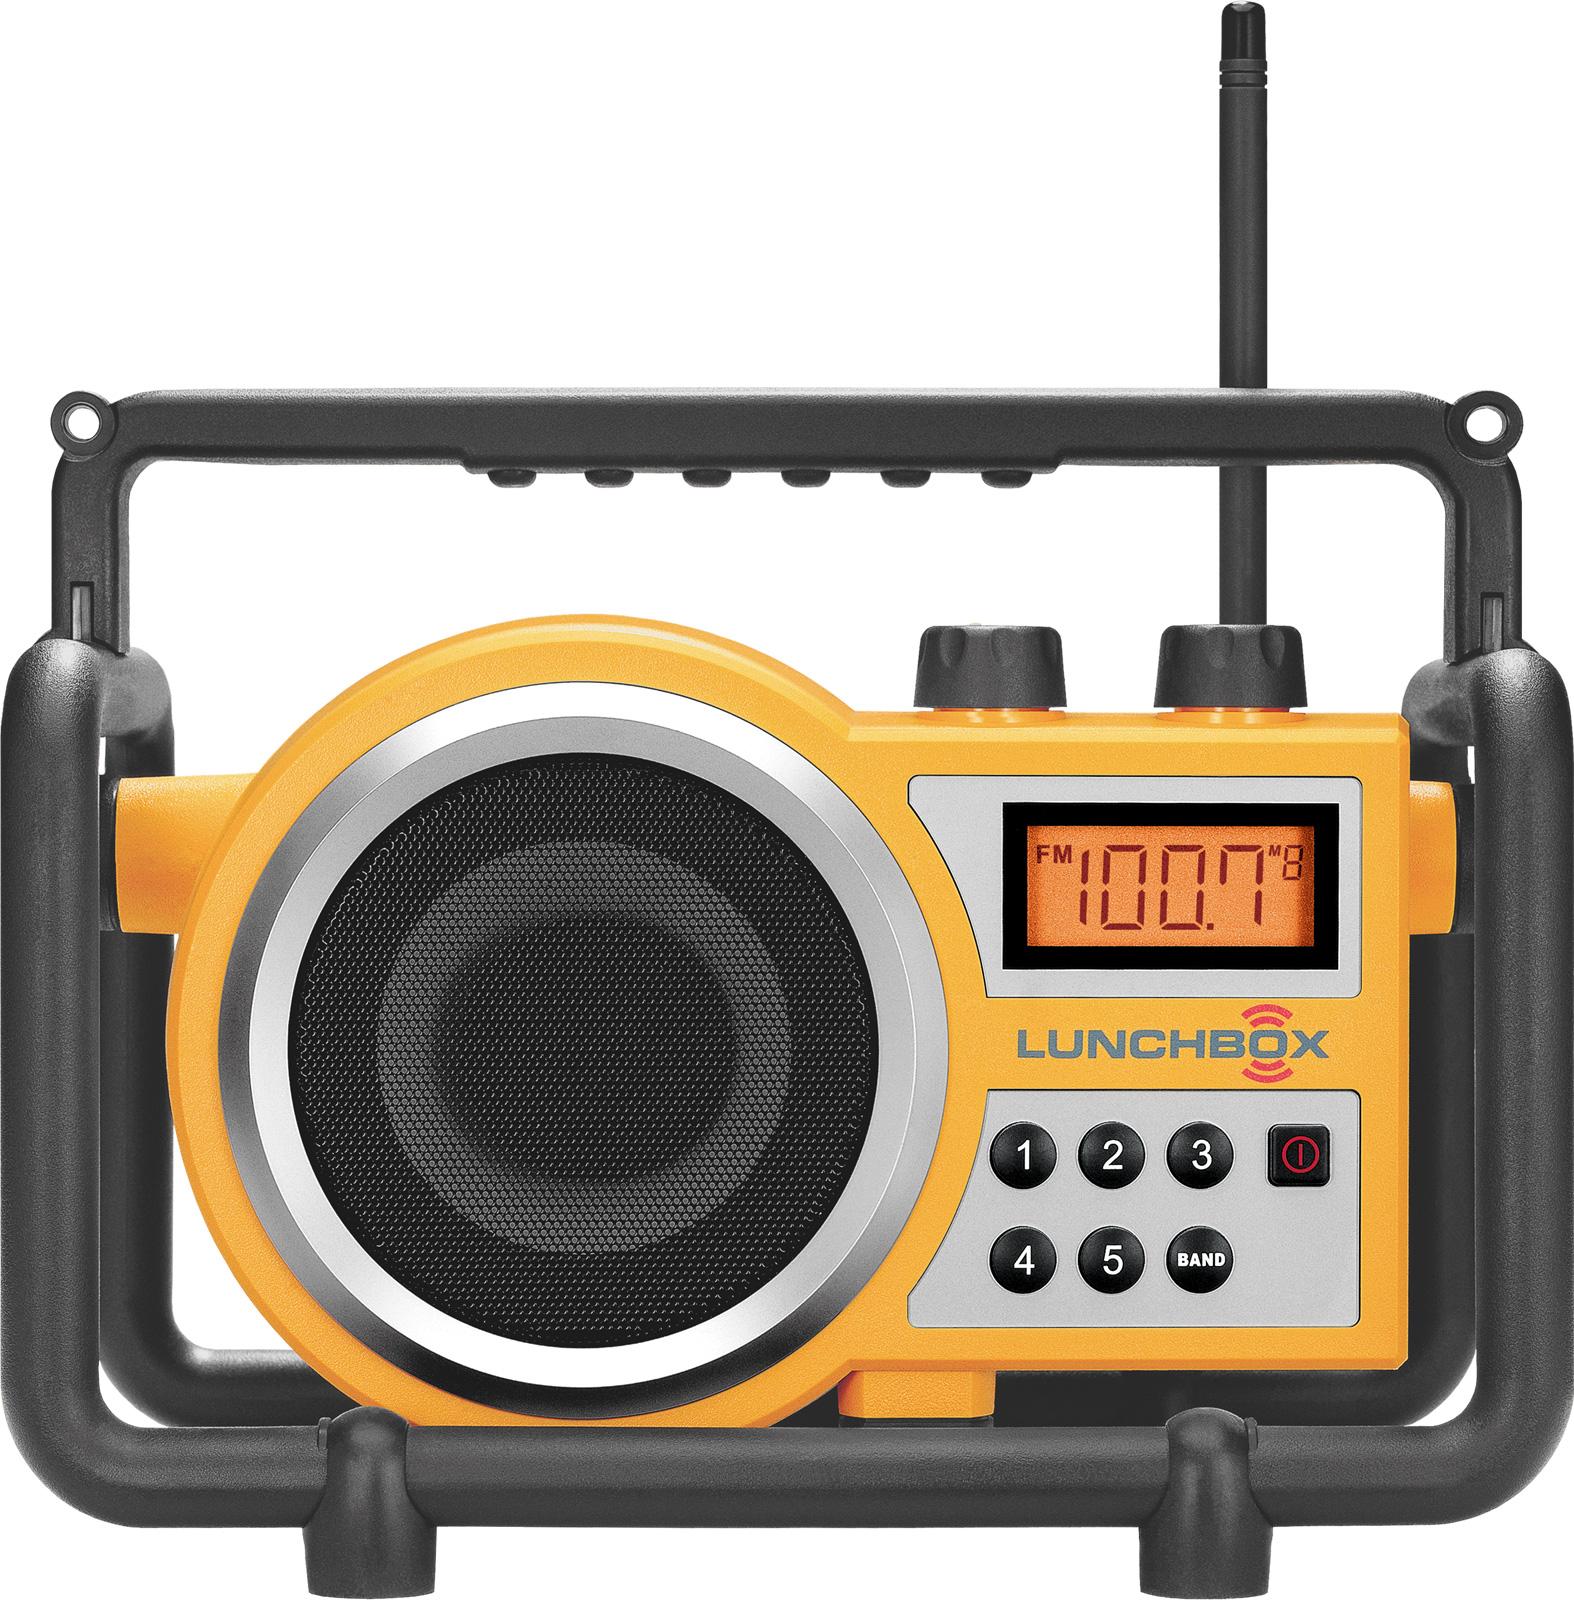 Sangean WORKSITE RADIO, LB100 LUNCHBOX by Sangean